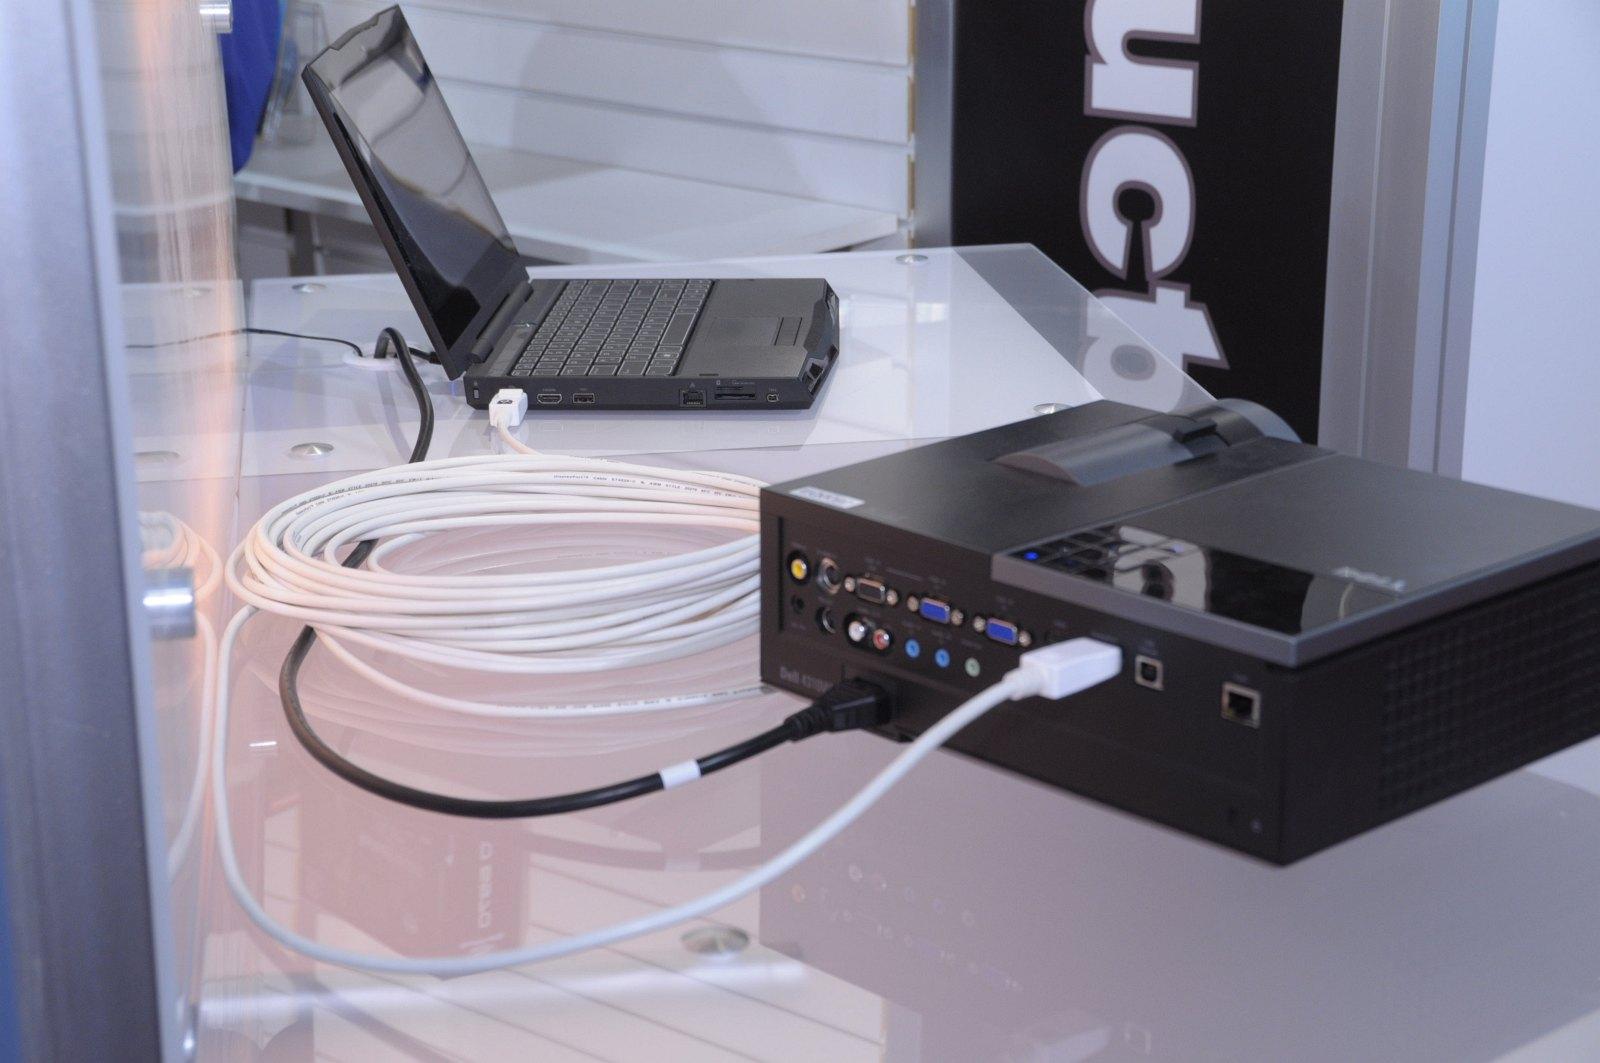 Daisychaining: 63 Monitore per Displayport an einer Grafikkarte - Displayport-Kabel mit 15 Metern. Dank 1,5 Watt des Anschlusses ist es ein aktives Kabel. (Bilder: Andreas Sebayang)